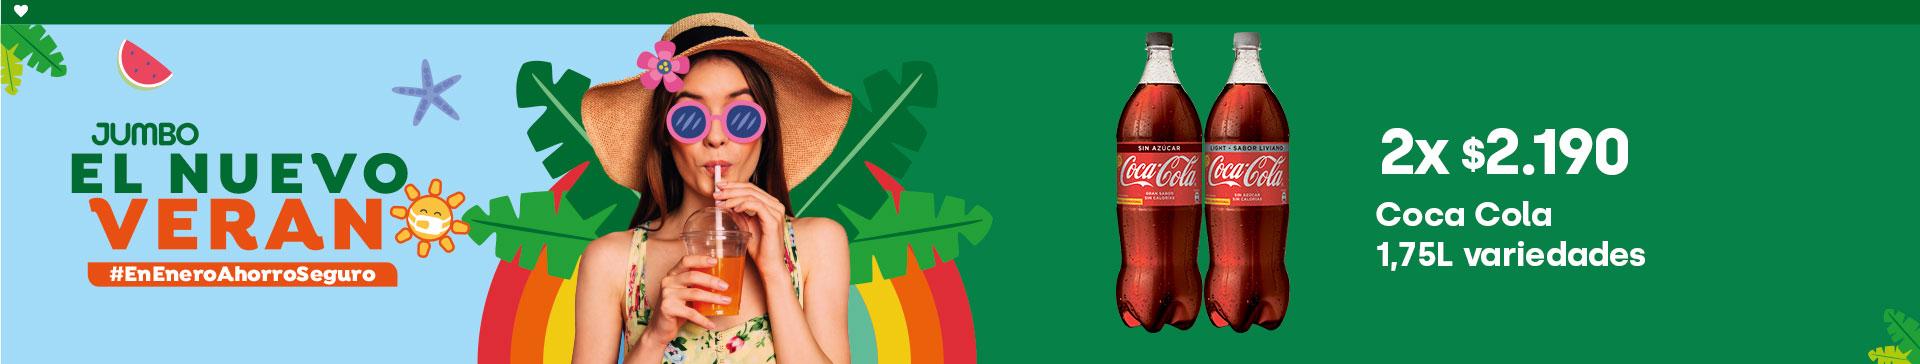 Coca Cola 1,75L variedades 2x $2.190